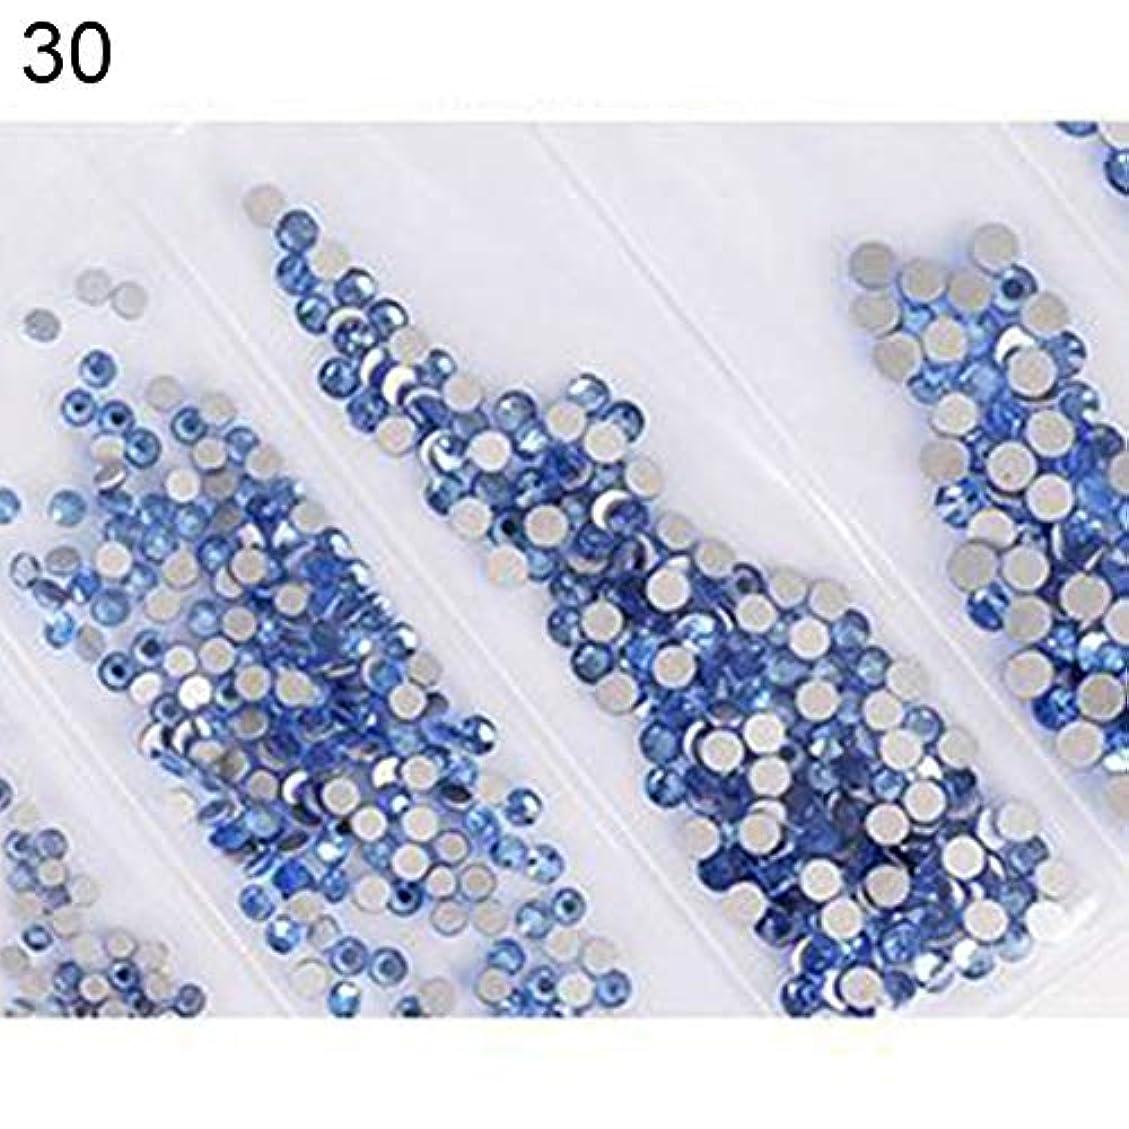 選択する単なるマルクス主義者hamulekfae-6ピース光沢のあるフラットガラスラインストーンネイルアートの装飾diyマニキュアのヒントツール 30#